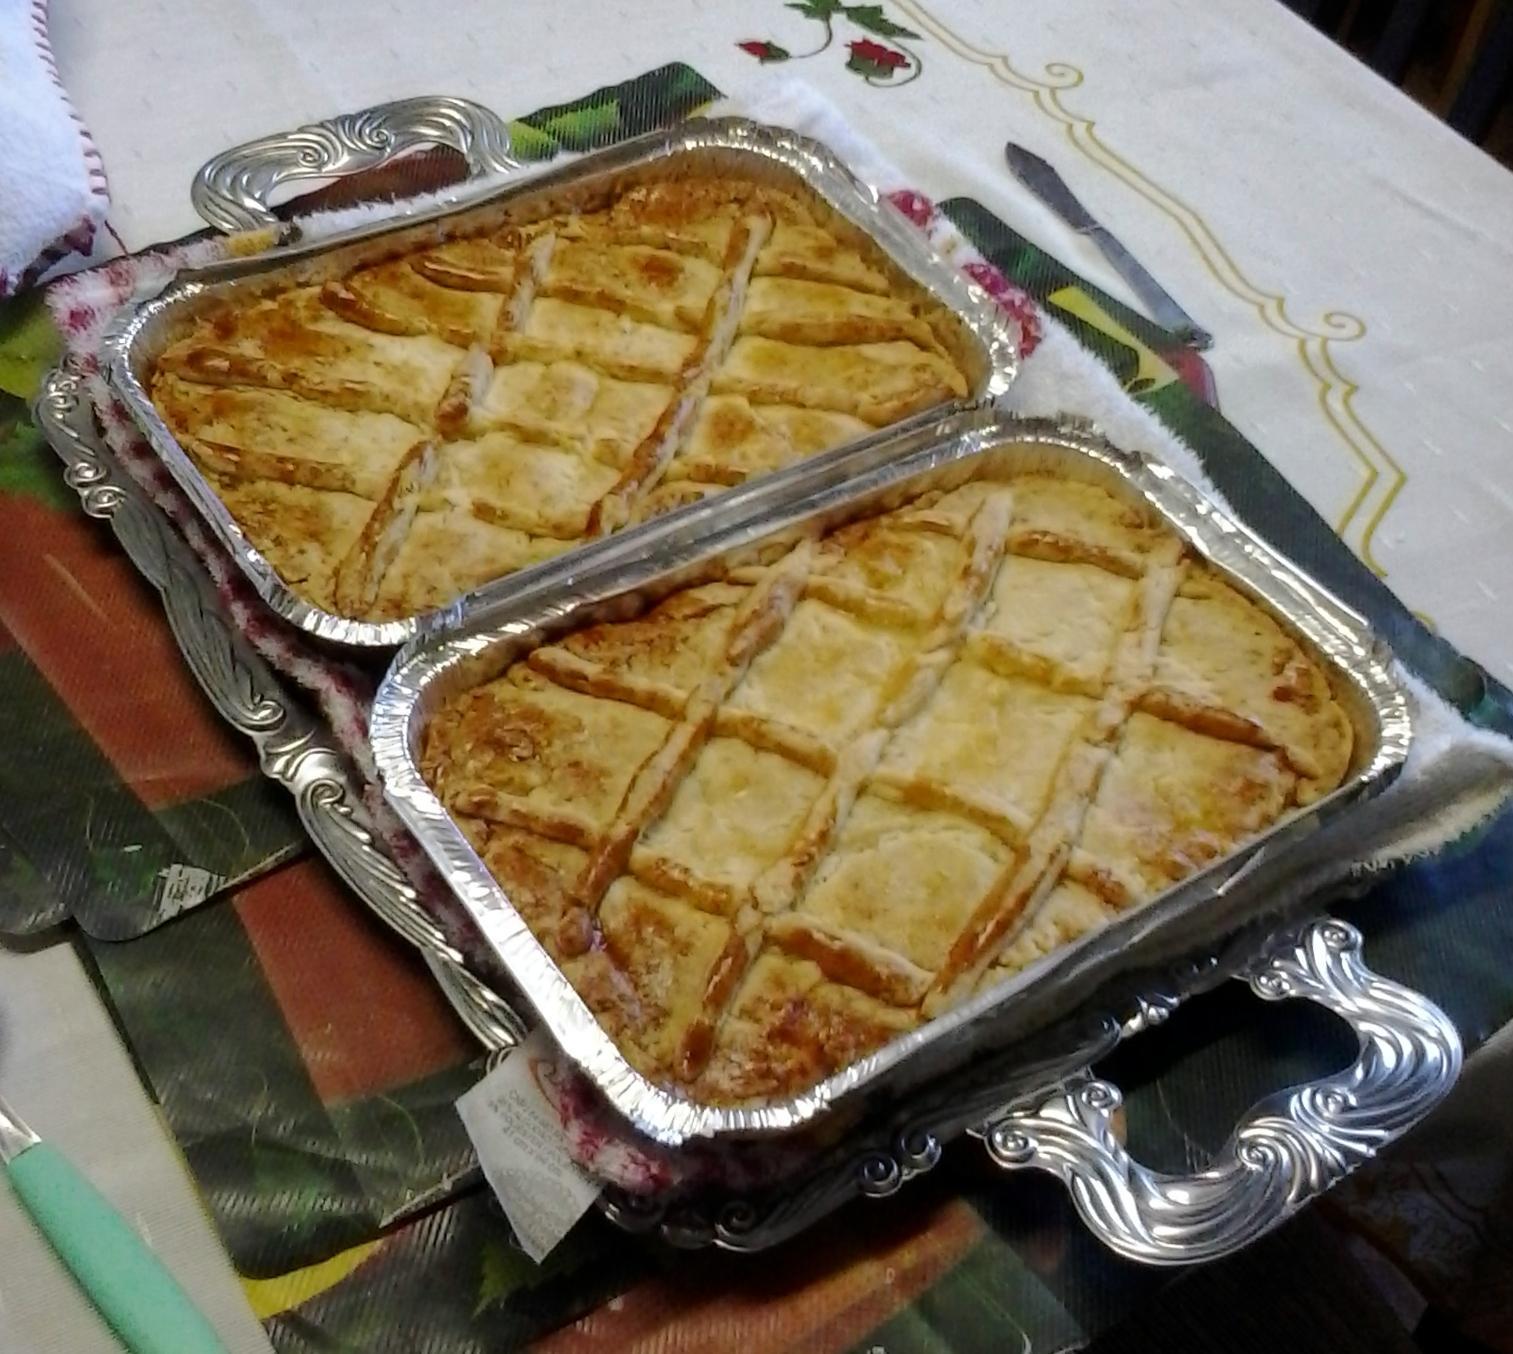 Feriado! O que você comer? Lasanha, almondegas, empadão ou escondinho de carne seca. Aqueça o forno e ligue 34339454 http://t.co/HqsyeGNQyi